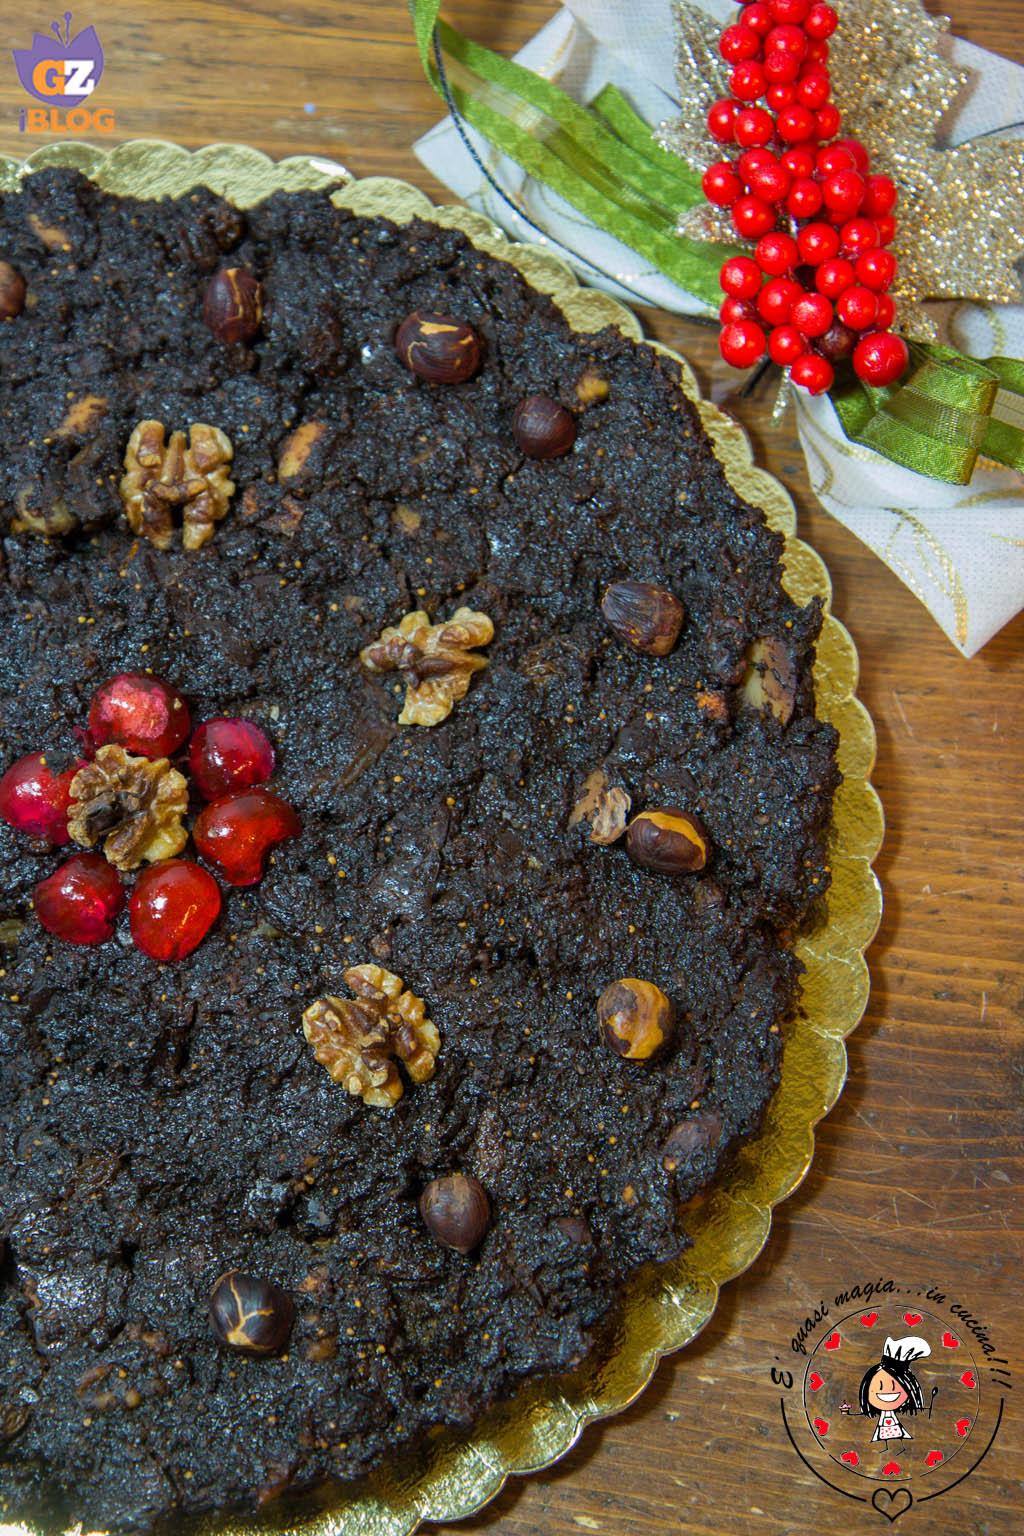 frustingo - feste natalizie nelle marche   e' quasi magia in cucina - Cucina Marche